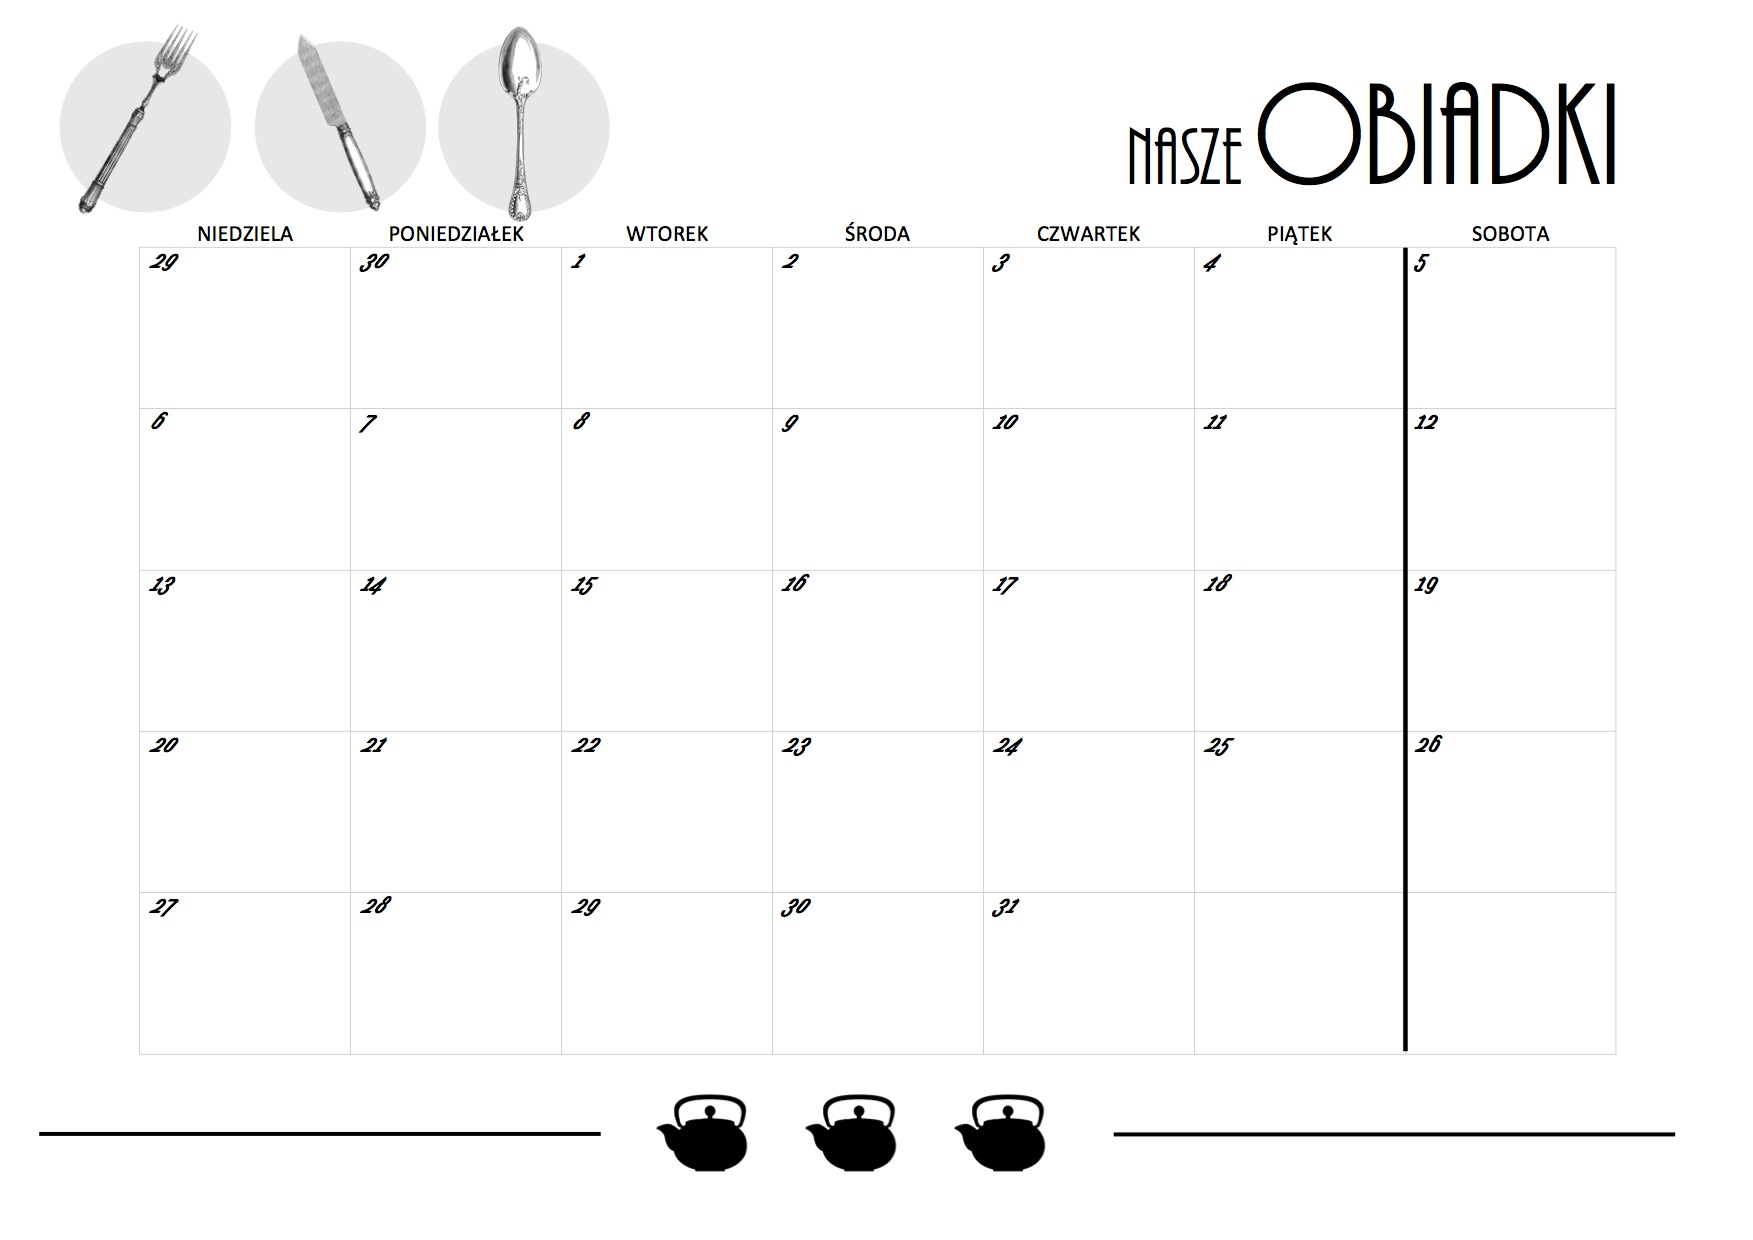 2013-10 - Obiady.jpg